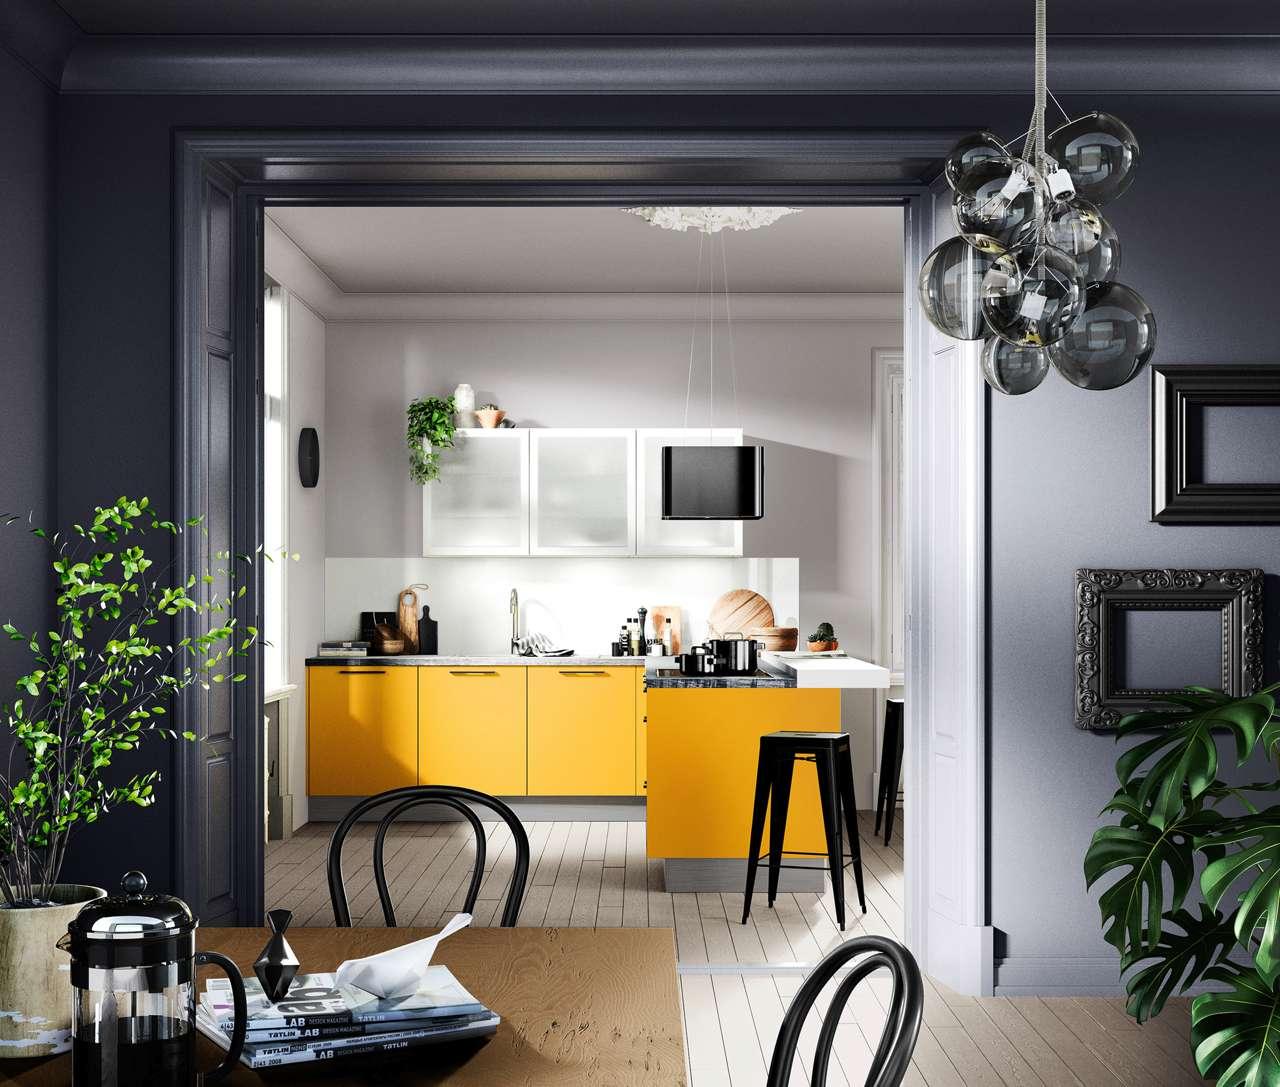 Superieur Gute Laune Bekommt Man Bereits Am Morgen In Dieser Singleküche In  Fröhlichem Gelb. Foto: AMK